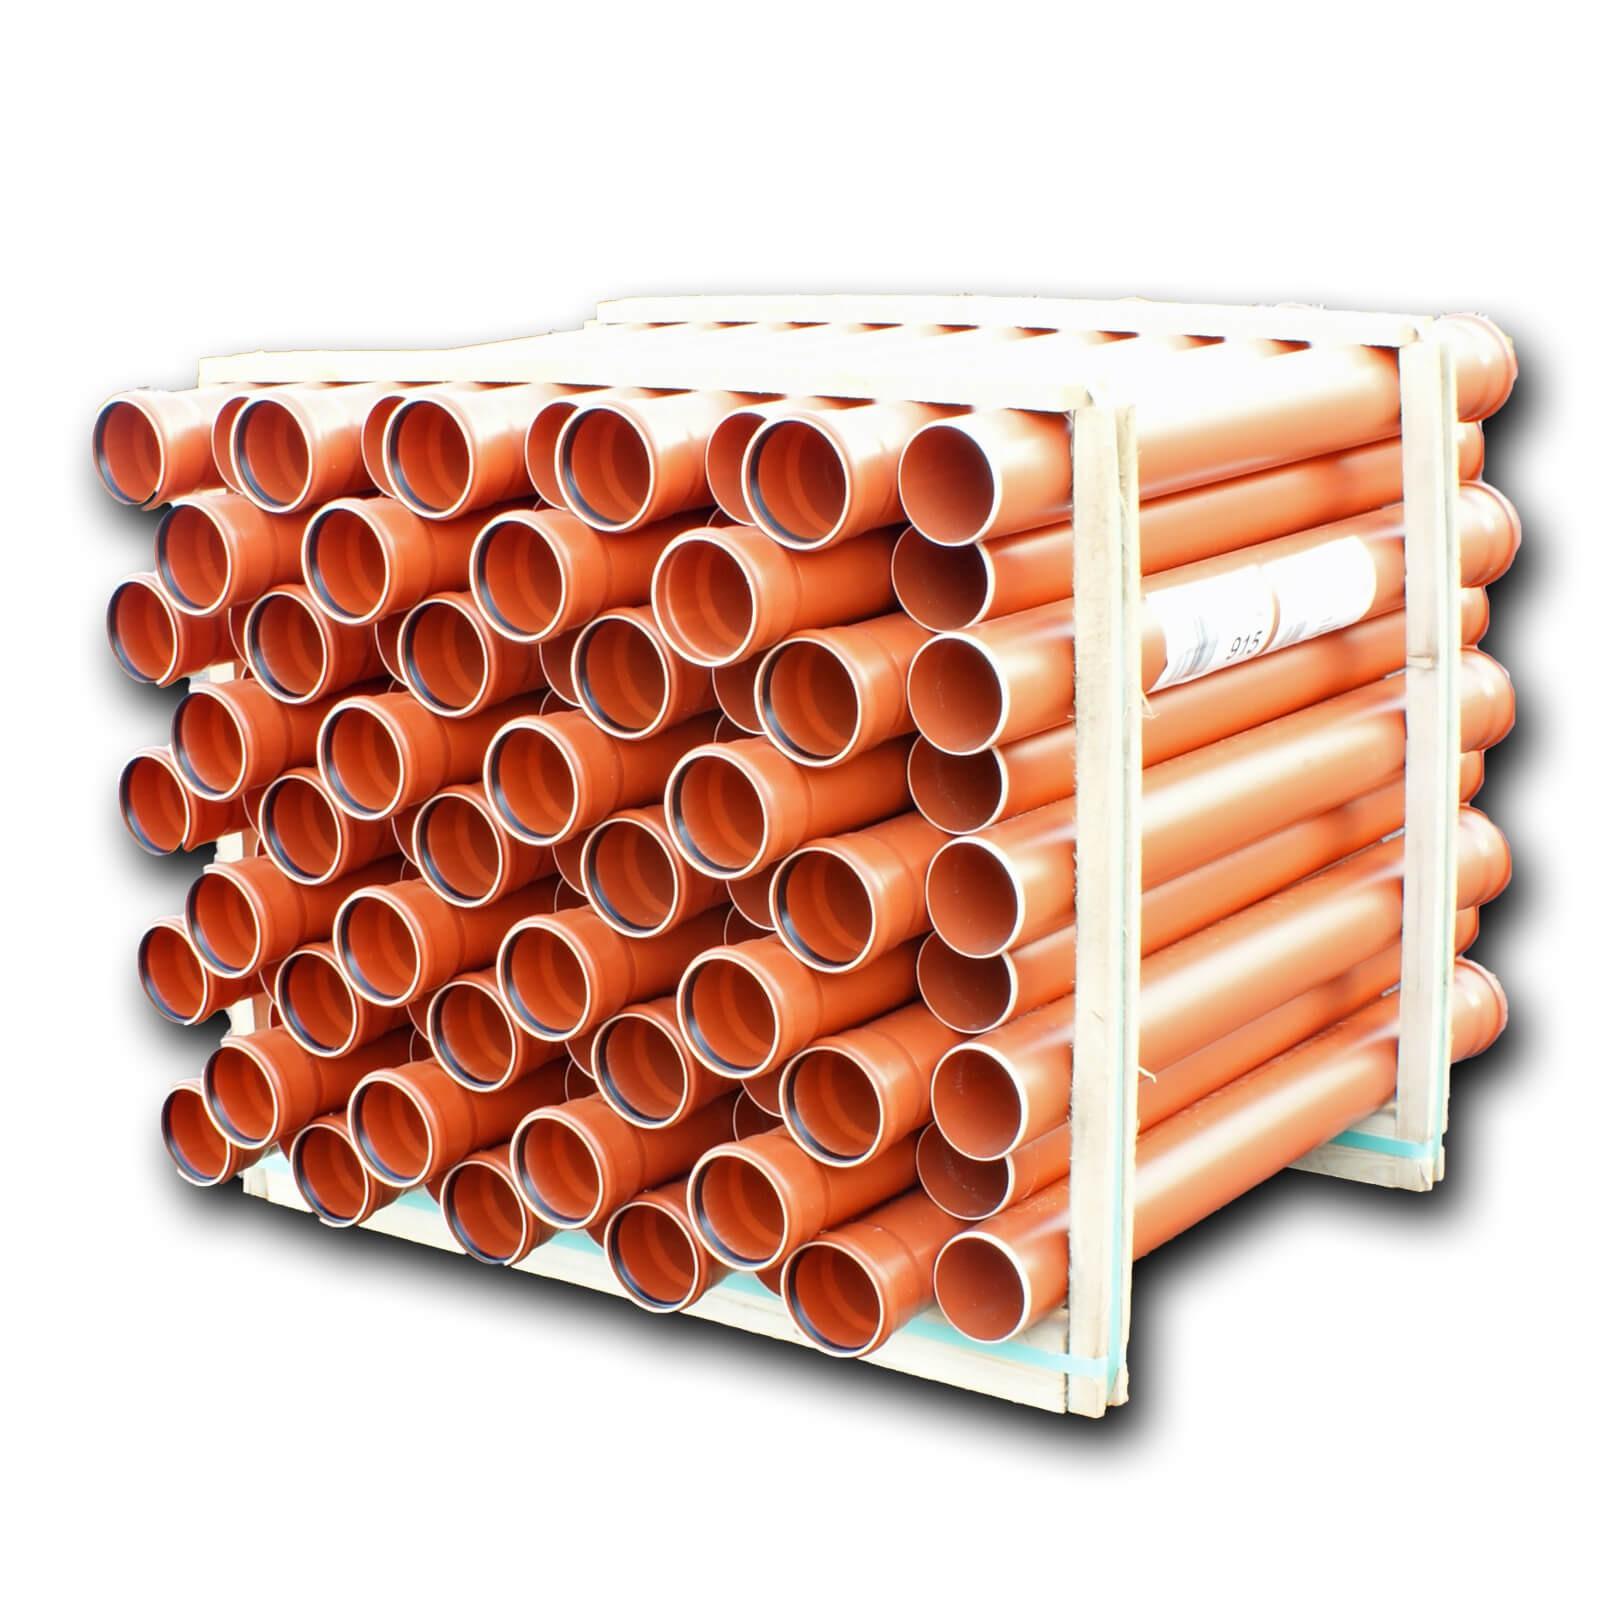 86x kg rohr dn110 1000mm 1m abwasserrohr 100mm kanalrohr orange. Black Bedroom Furniture Sets. Home Design Ideas